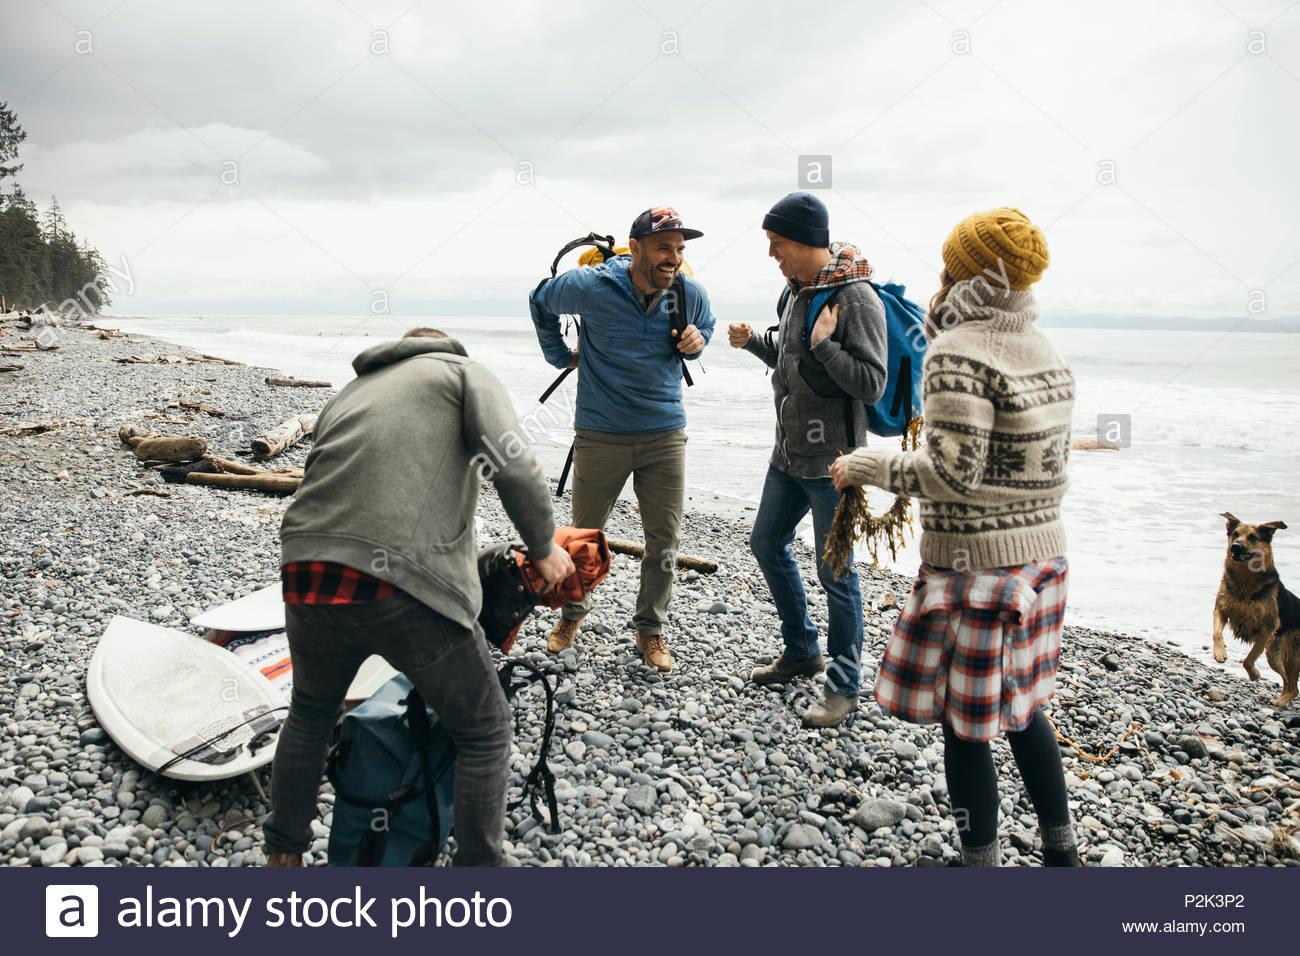 Freunde mit Hund genießen Wochenende surfen Getaway auf robuste Strand Stockbild